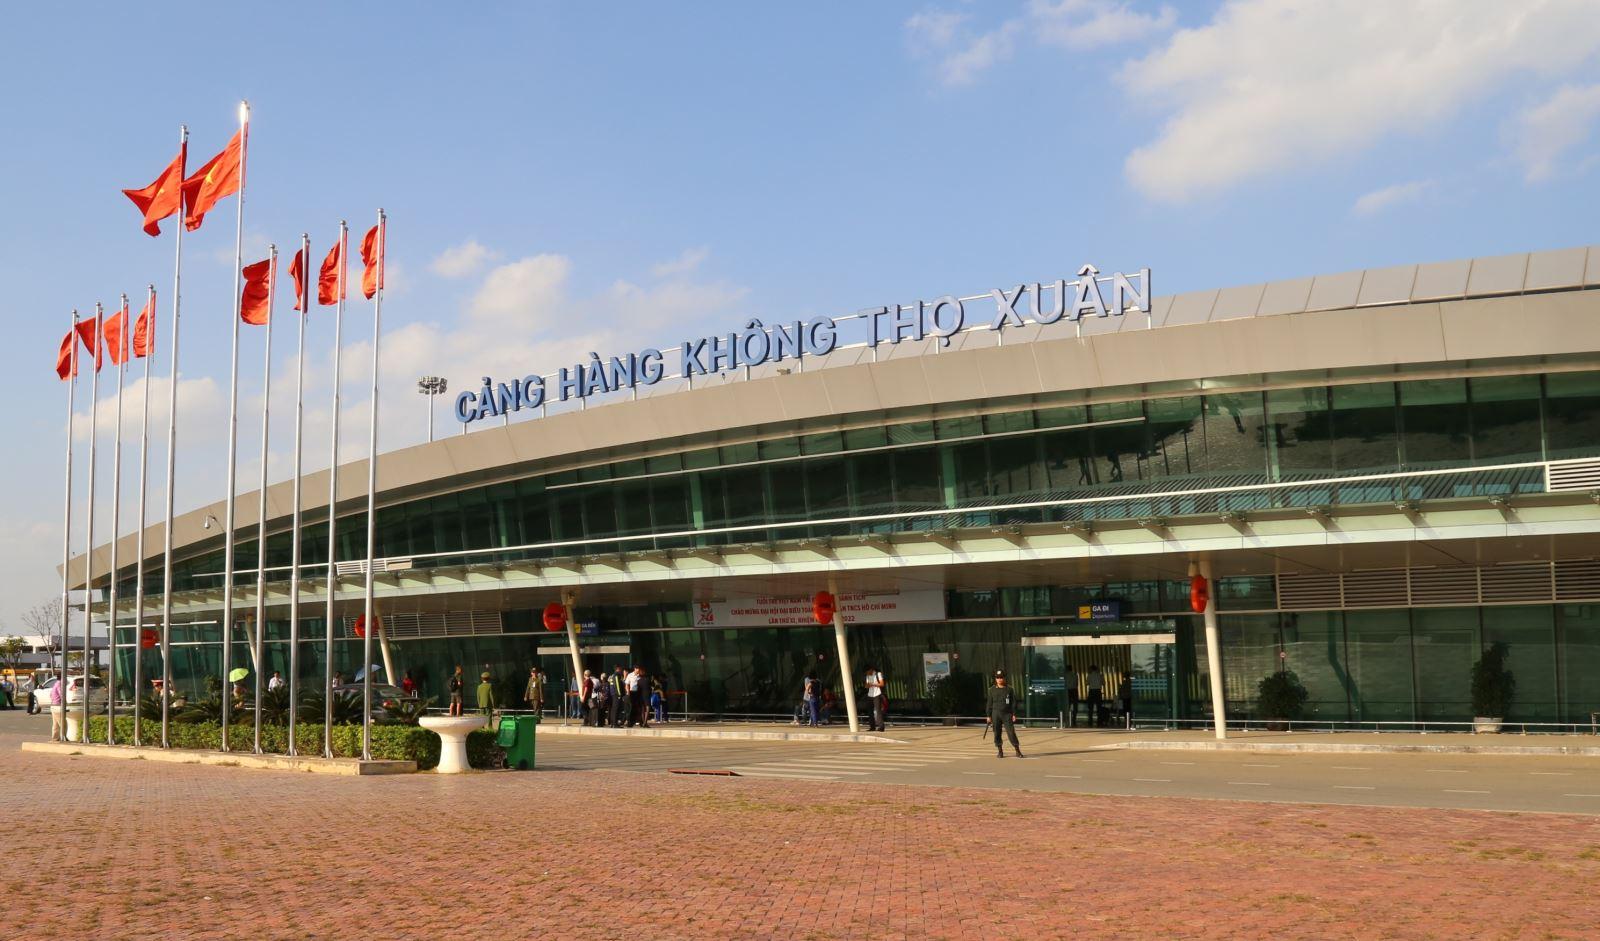 Phê duyệt Qui hoạch Cảng hàng không quốc tế Thọ Xuân - Ảnh 1.